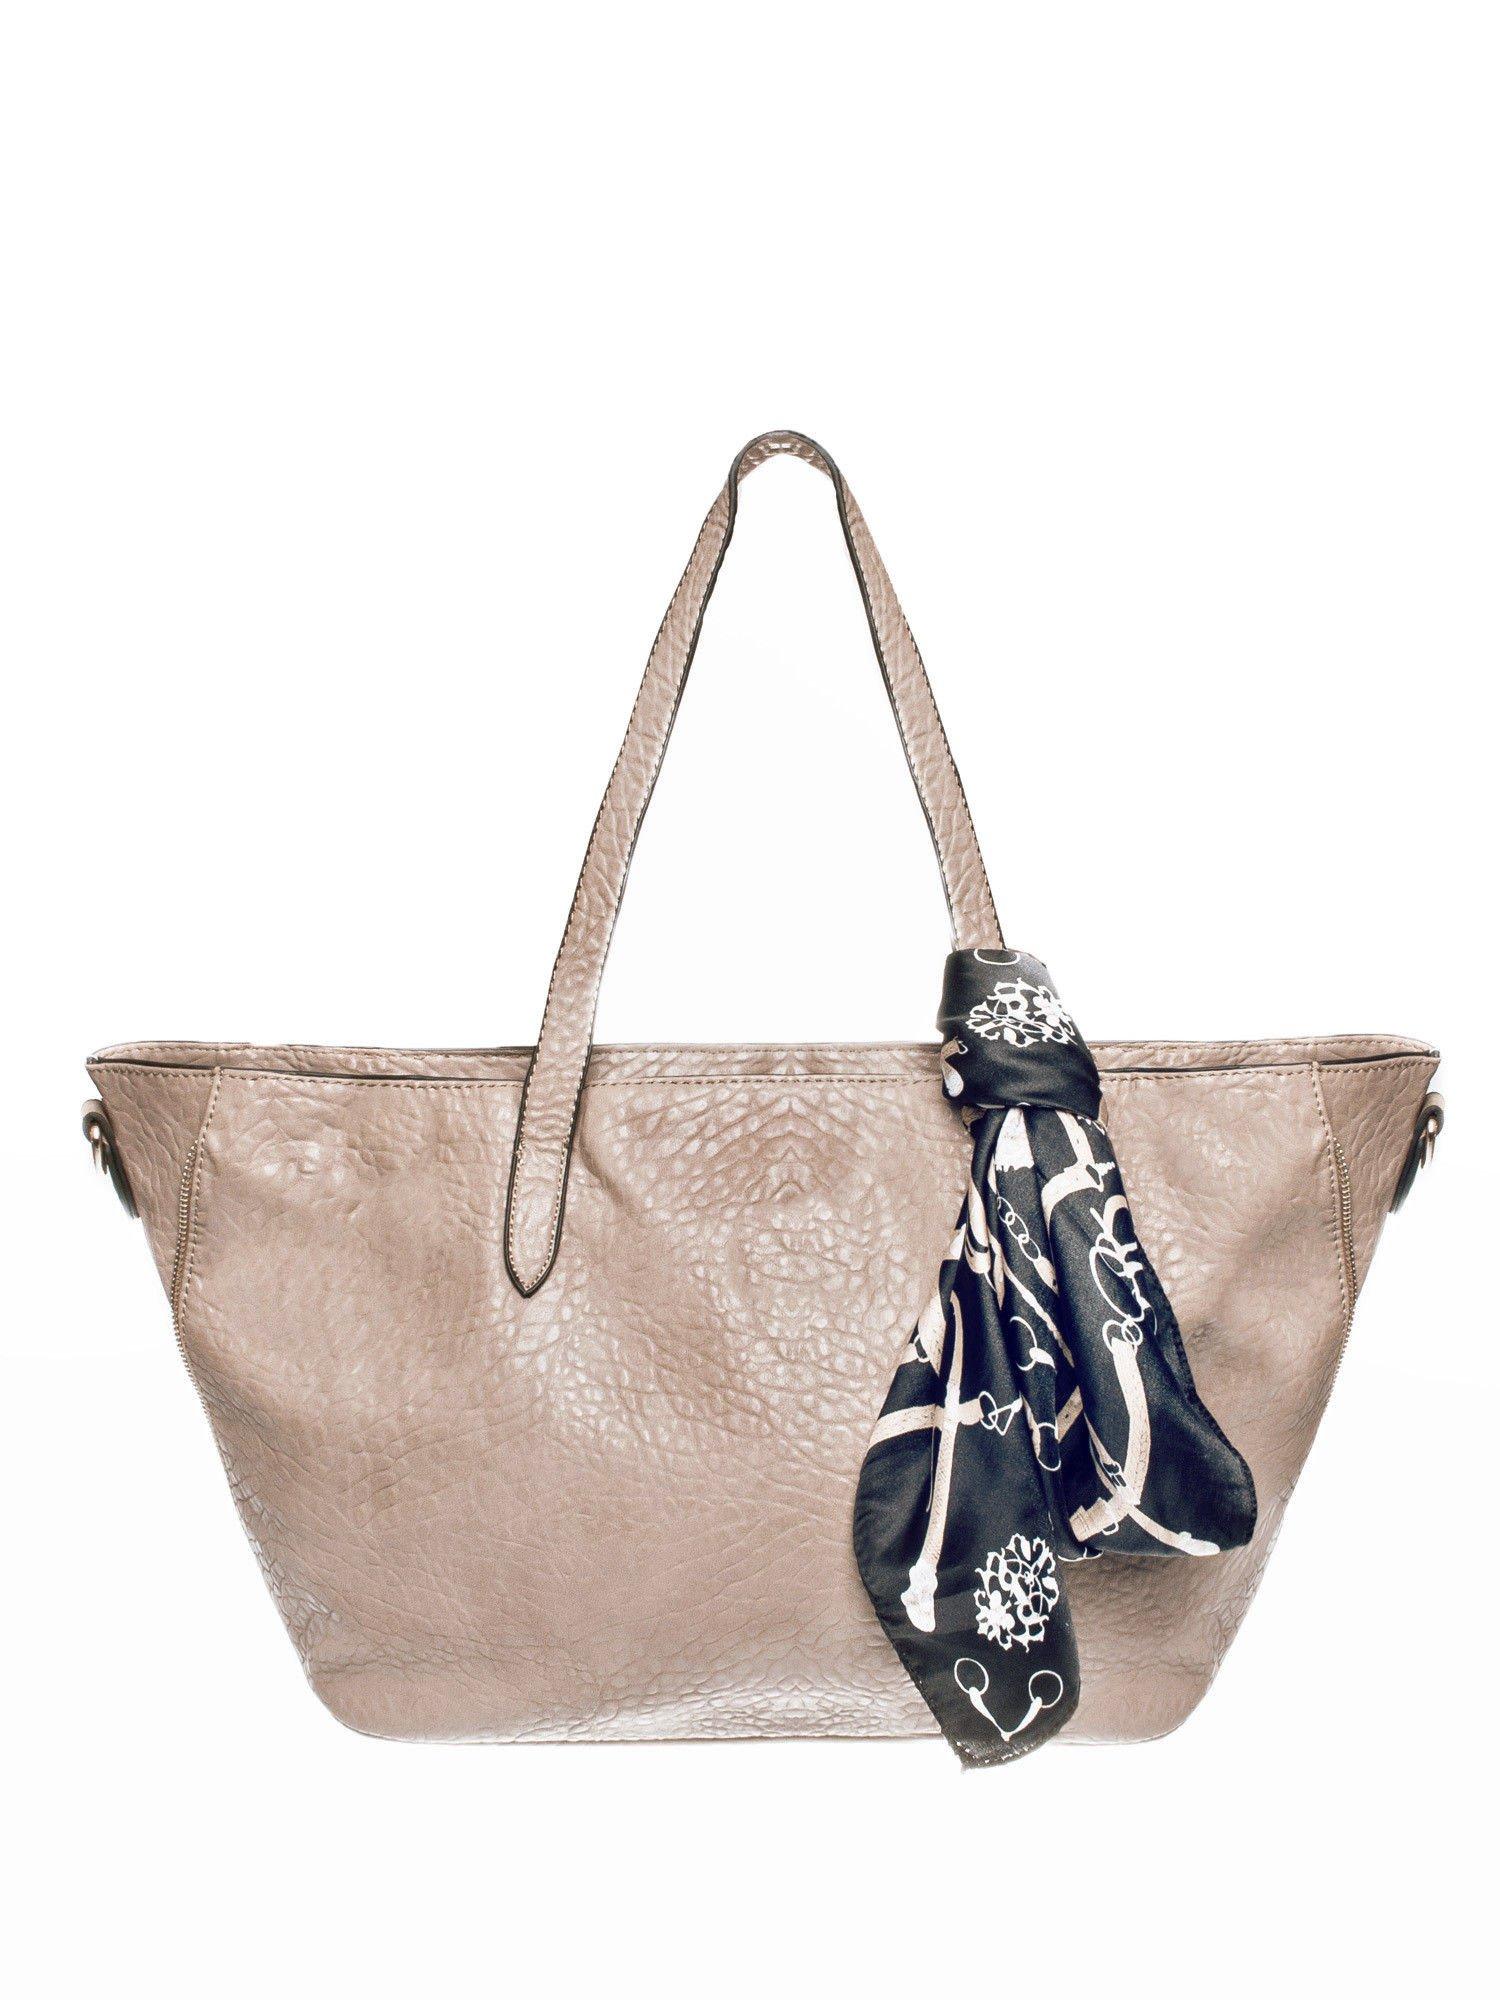 Ciemnobeżowa torebka shopper bag z apaszką                                  zdj.                                  1